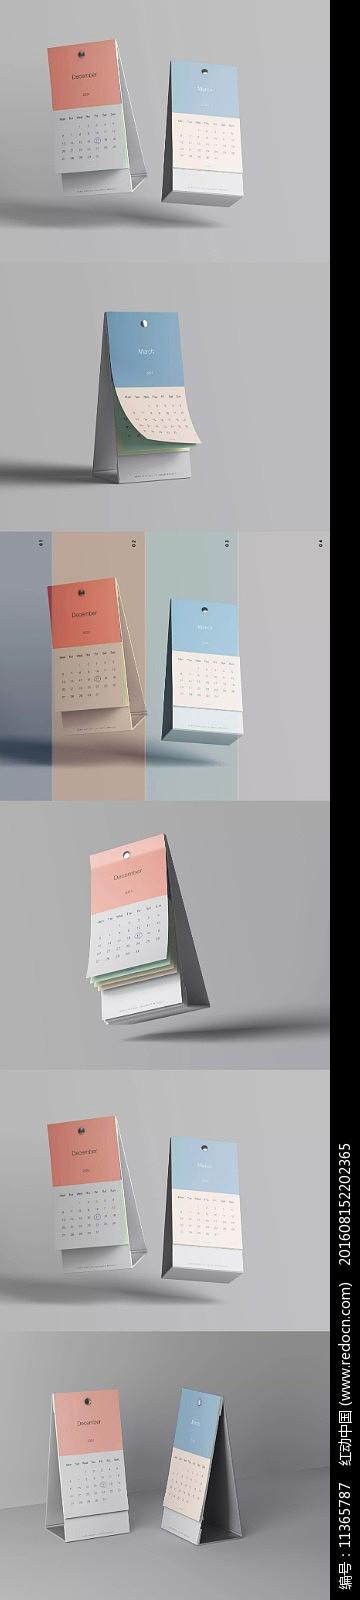 新年垂直日历台历设计VI样机